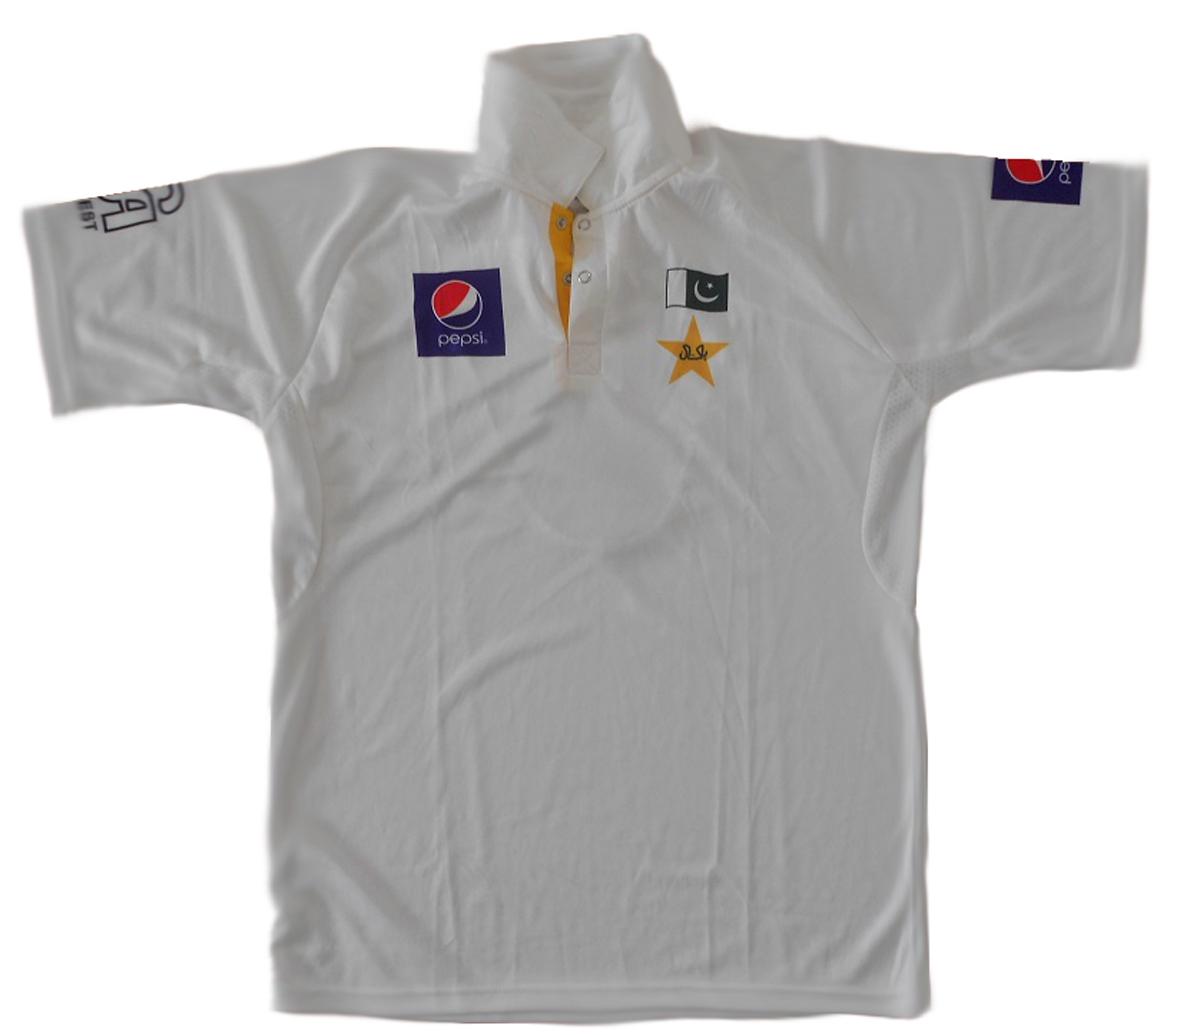 CA Official 2015 Sportswear Short Sleeves Pakistan Test